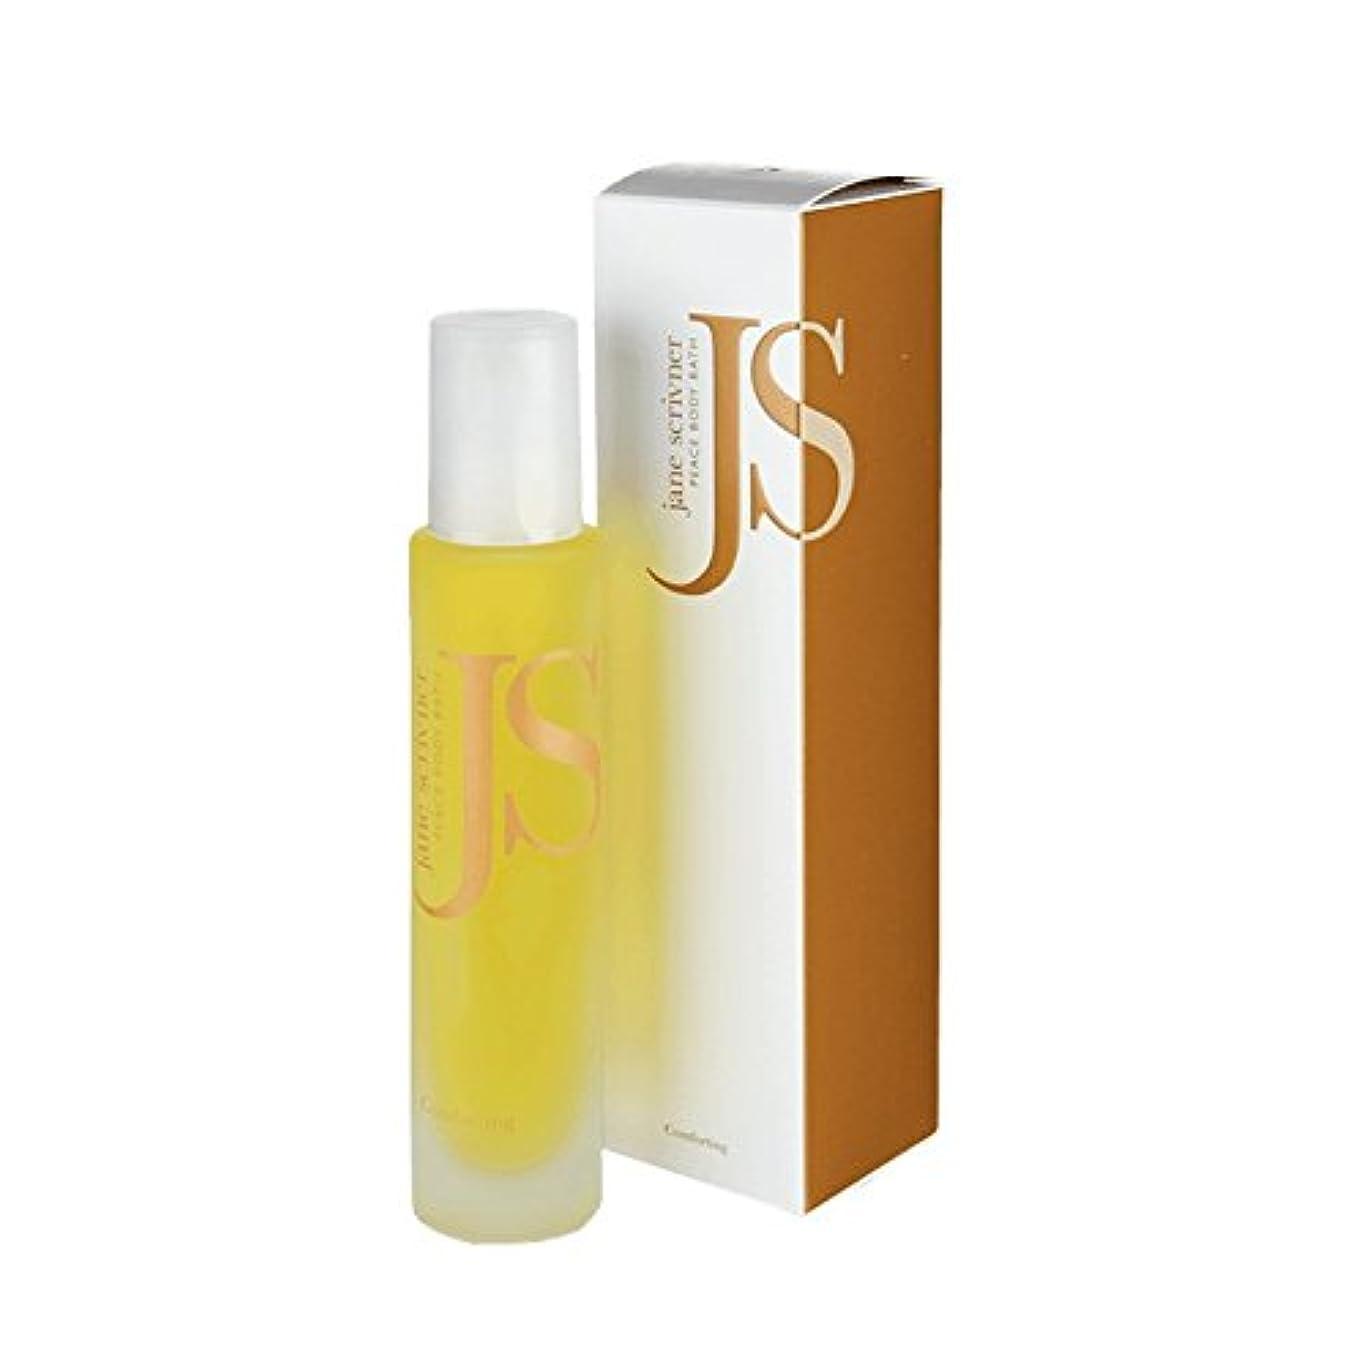 耐えるフォーラム光景Jane Scrivner Body Bath Oil Peace 100ml (Pack of 6) - ジェーンScrivnerボディバスオイル平和100ミリリットル (x6) [並行輸入品]